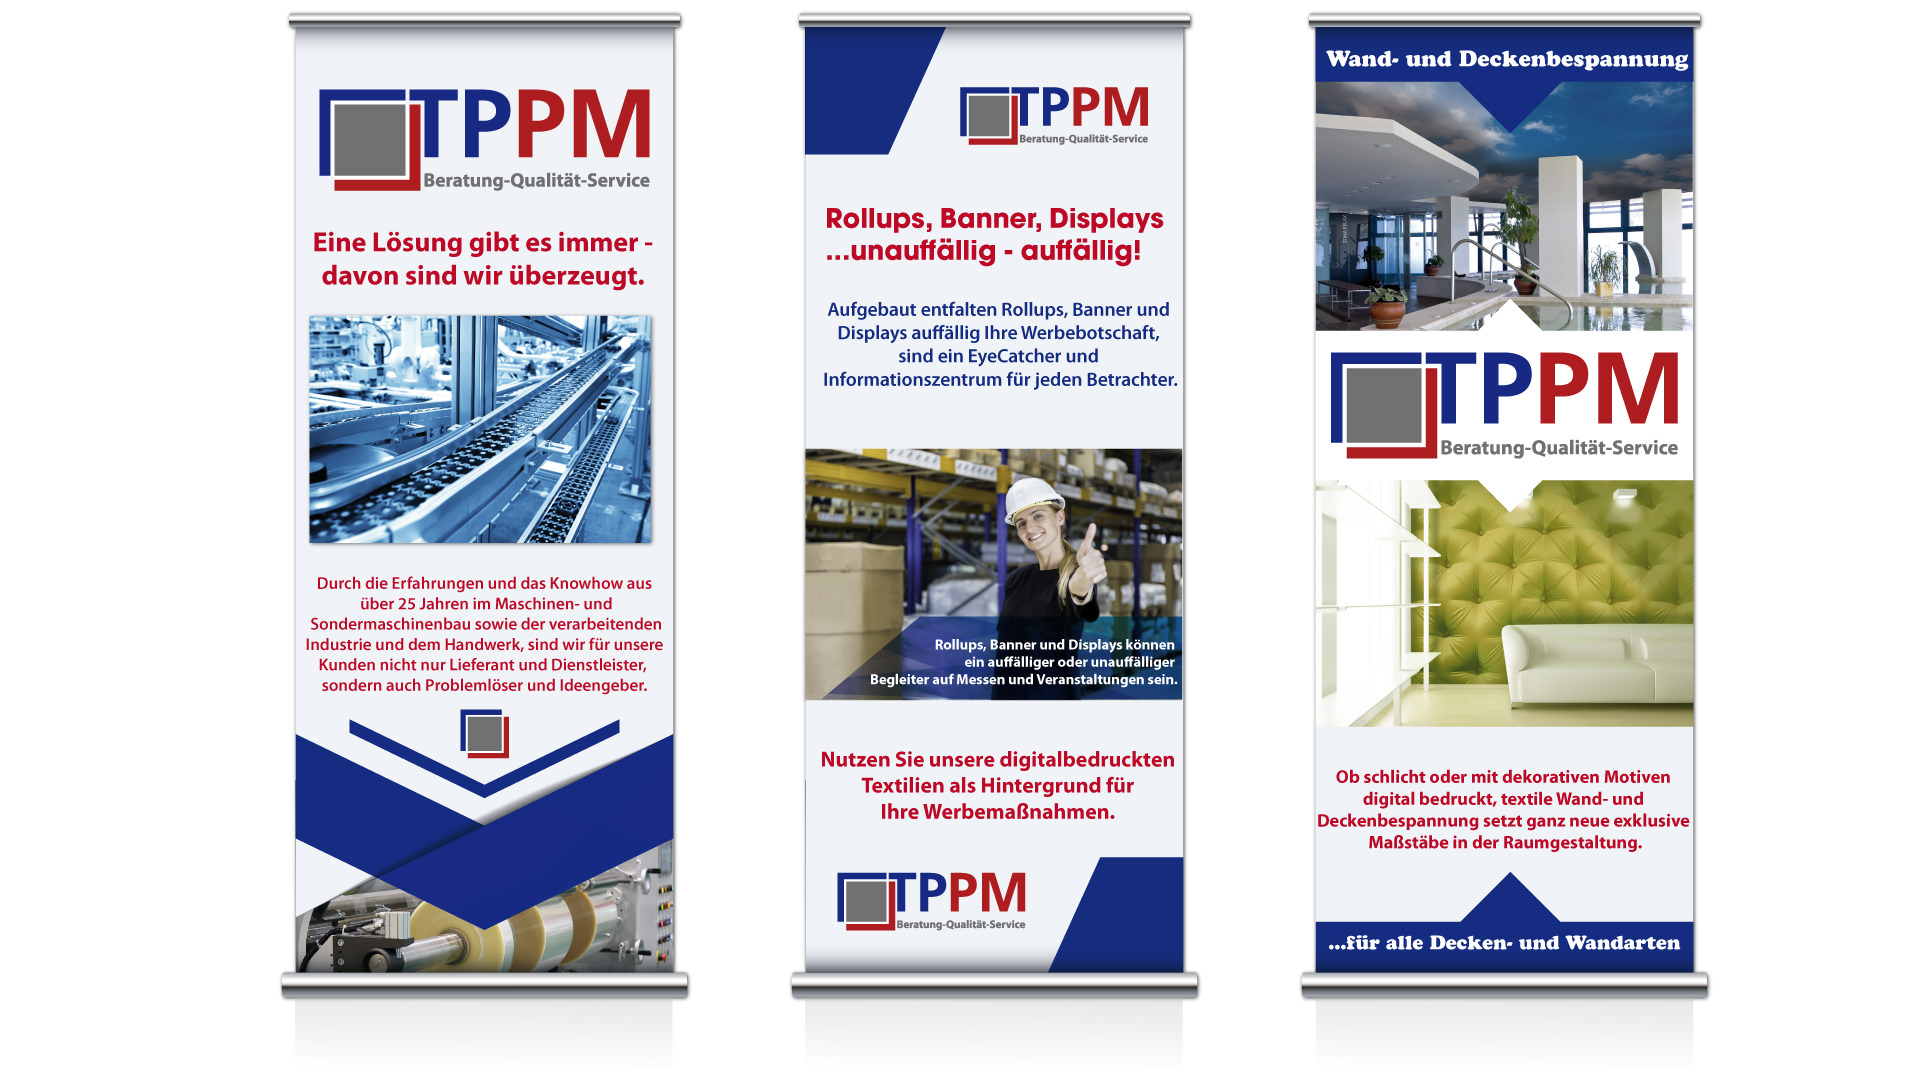 Rollups, Banner, Displays von der TPPM